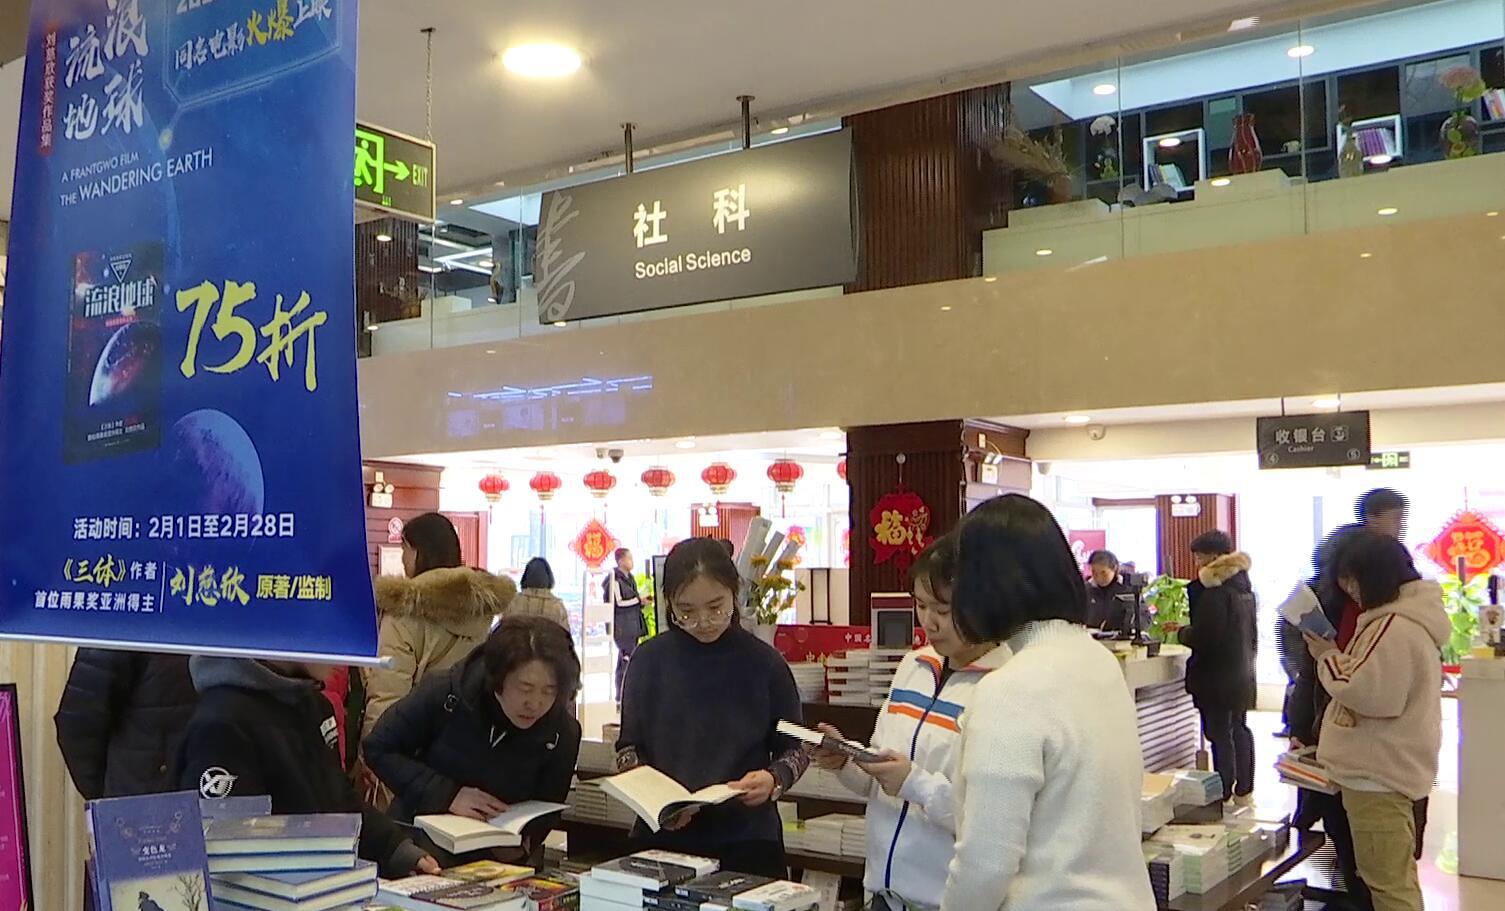 科幻片《流浪地球》领跑2019春节档 同名小说集卖断货